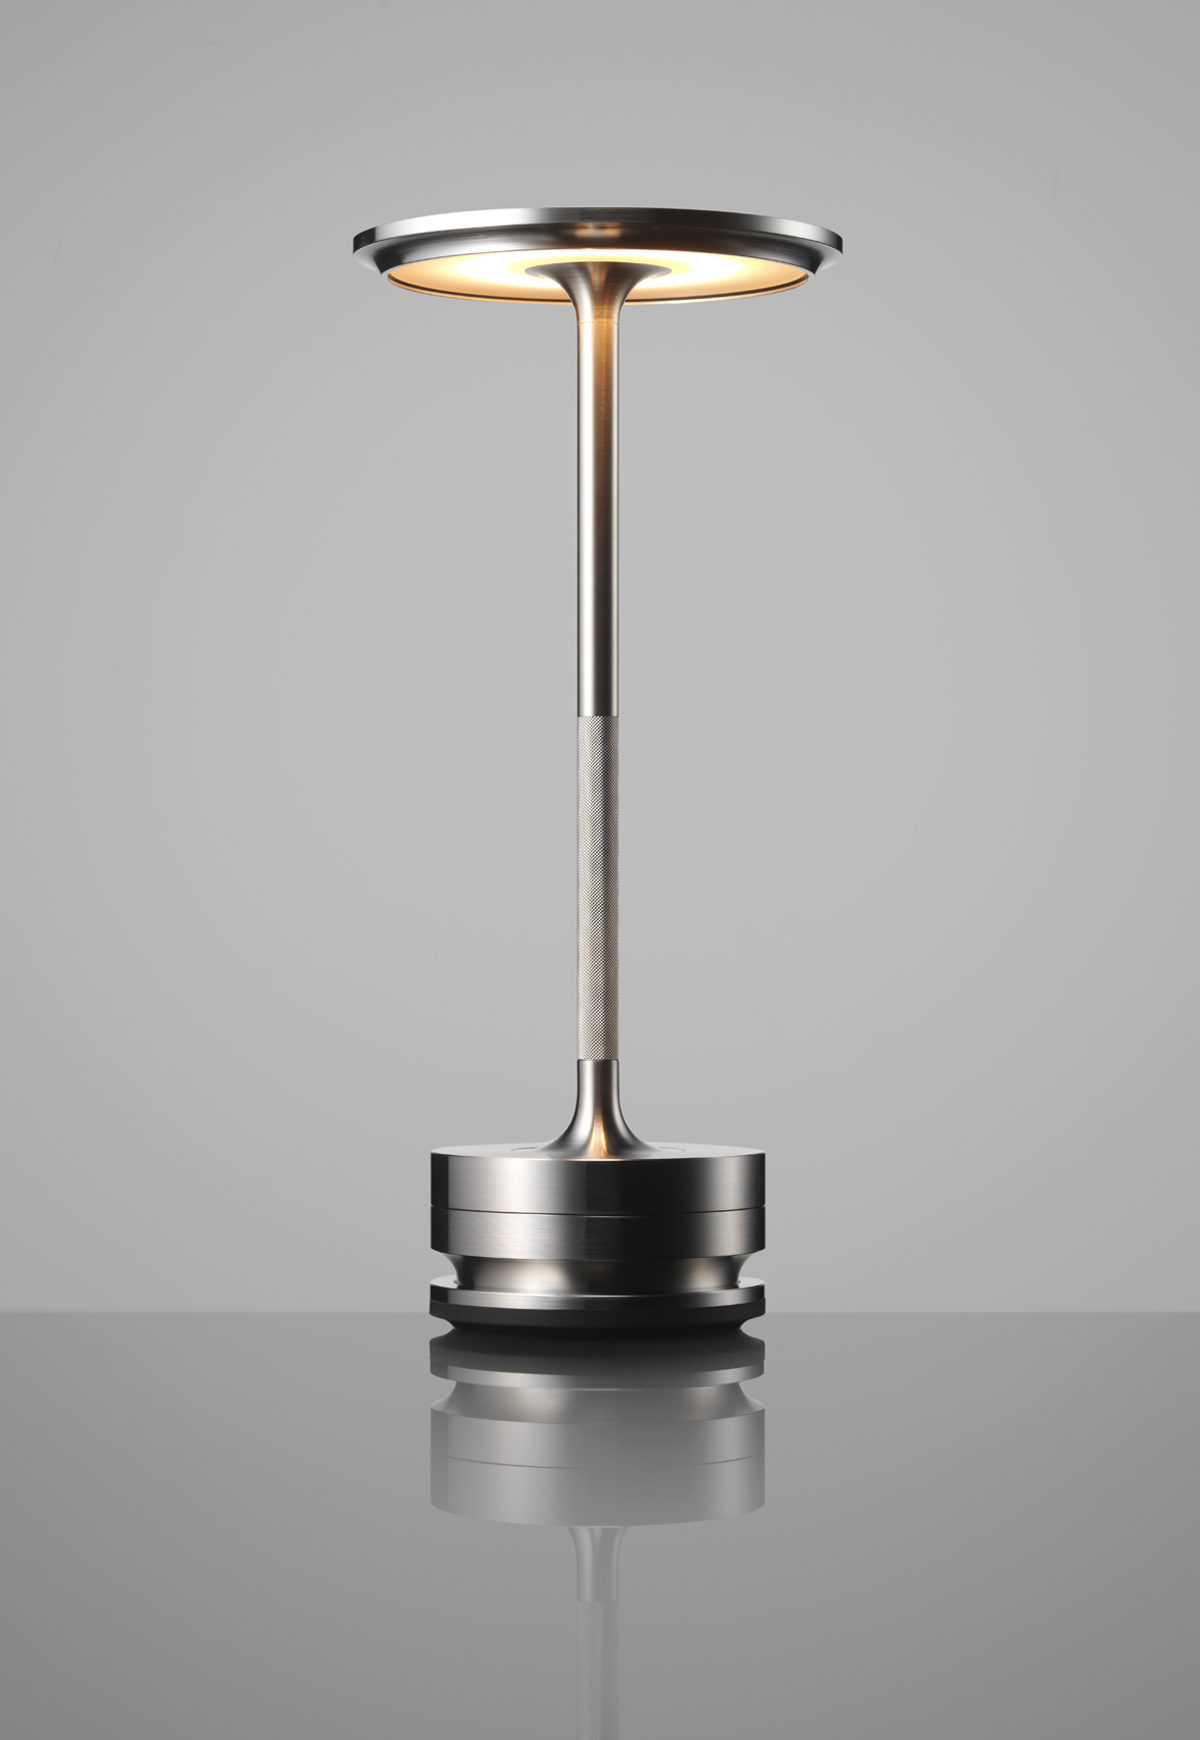 NaoTamura_TURN00, naotamura, nownao, lighting, lamp, design, cordless, lighting fixture, metal, ambiented, アンビエンテック、照明、田村なお、田村奈穂、デザイナー、女性デザイナー、ニューヨーク、コードレス、防水照明